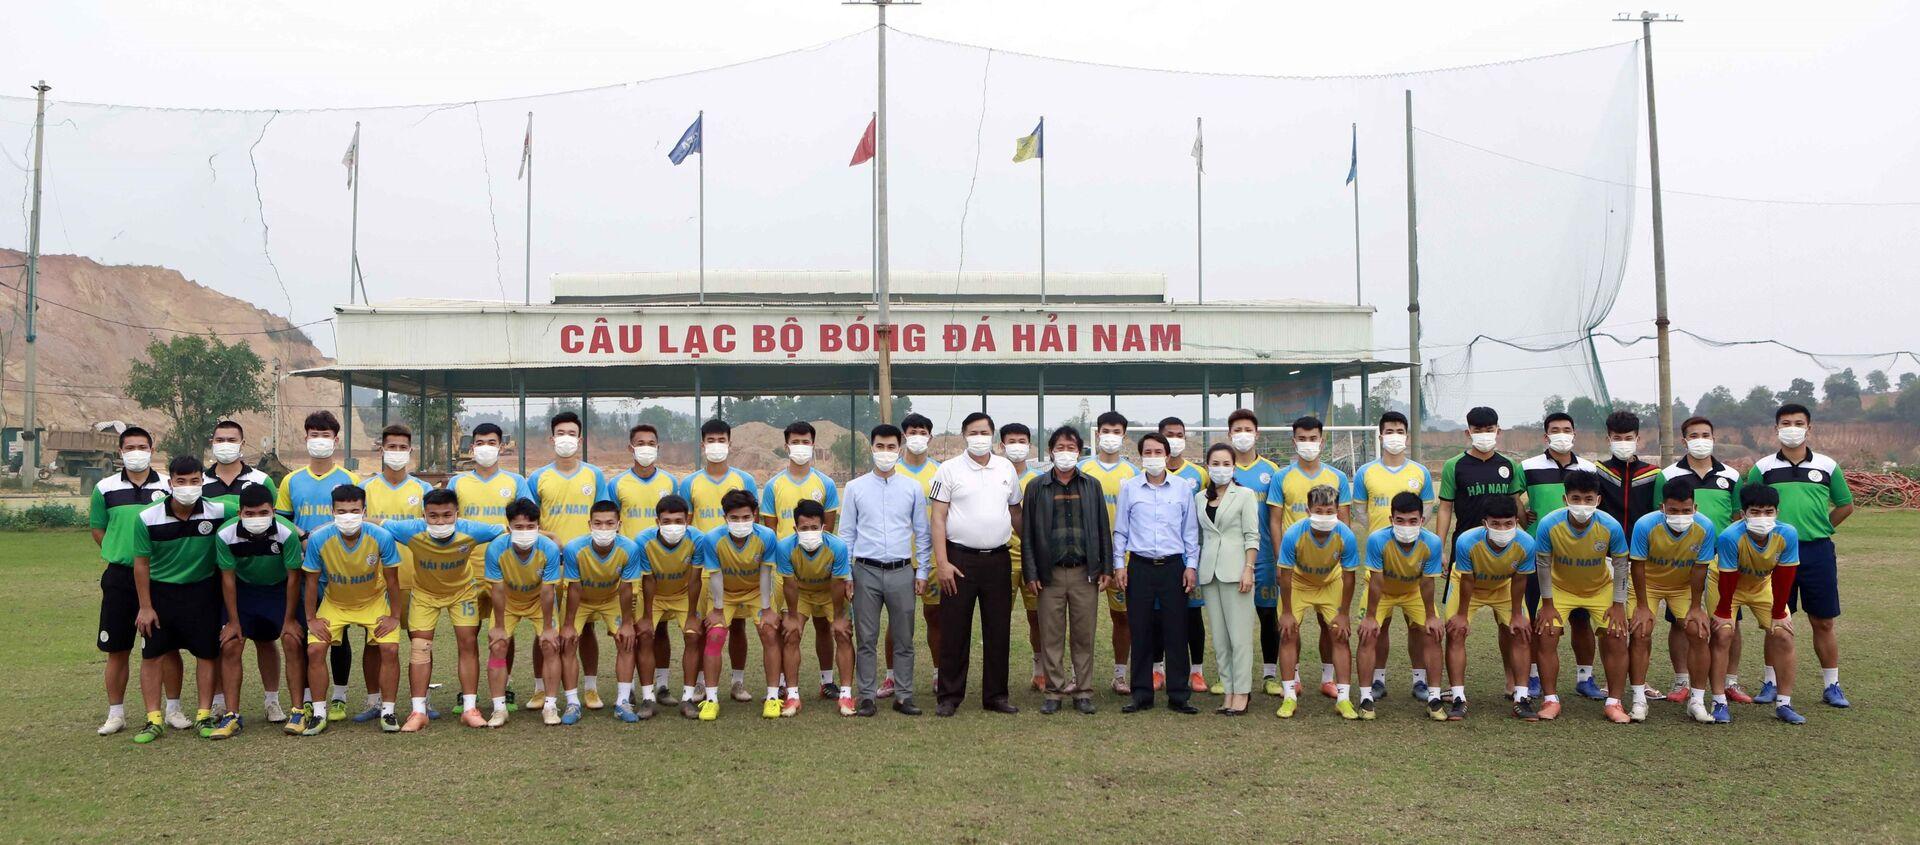 Lãnh đạo thành phố Vĩnh Yên cùng các cầu thủ Câu lạc bộ bóng đá Hải Nam tại sân tập.  - Sputnik Việt Nam, 1920, 05.03.2021